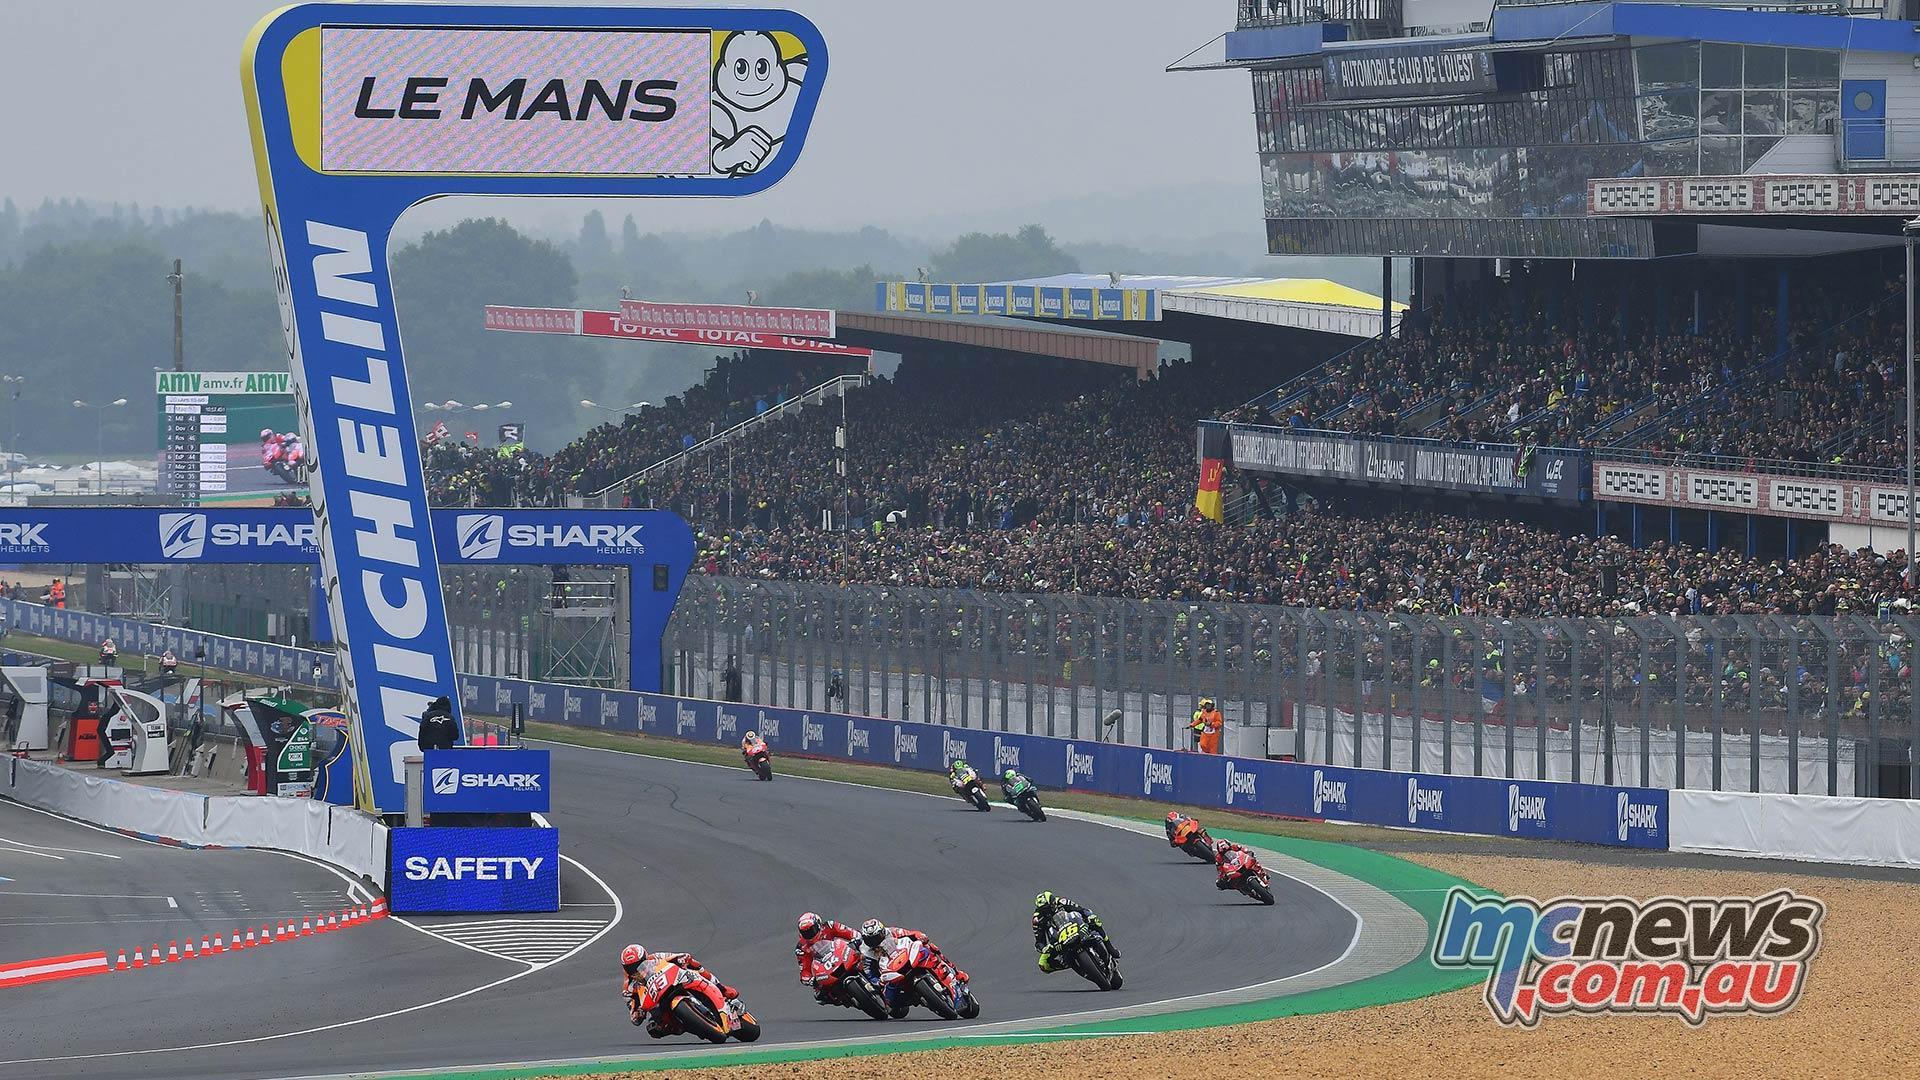 MotoGP Rnd LeMans Marquez Dovi Miller